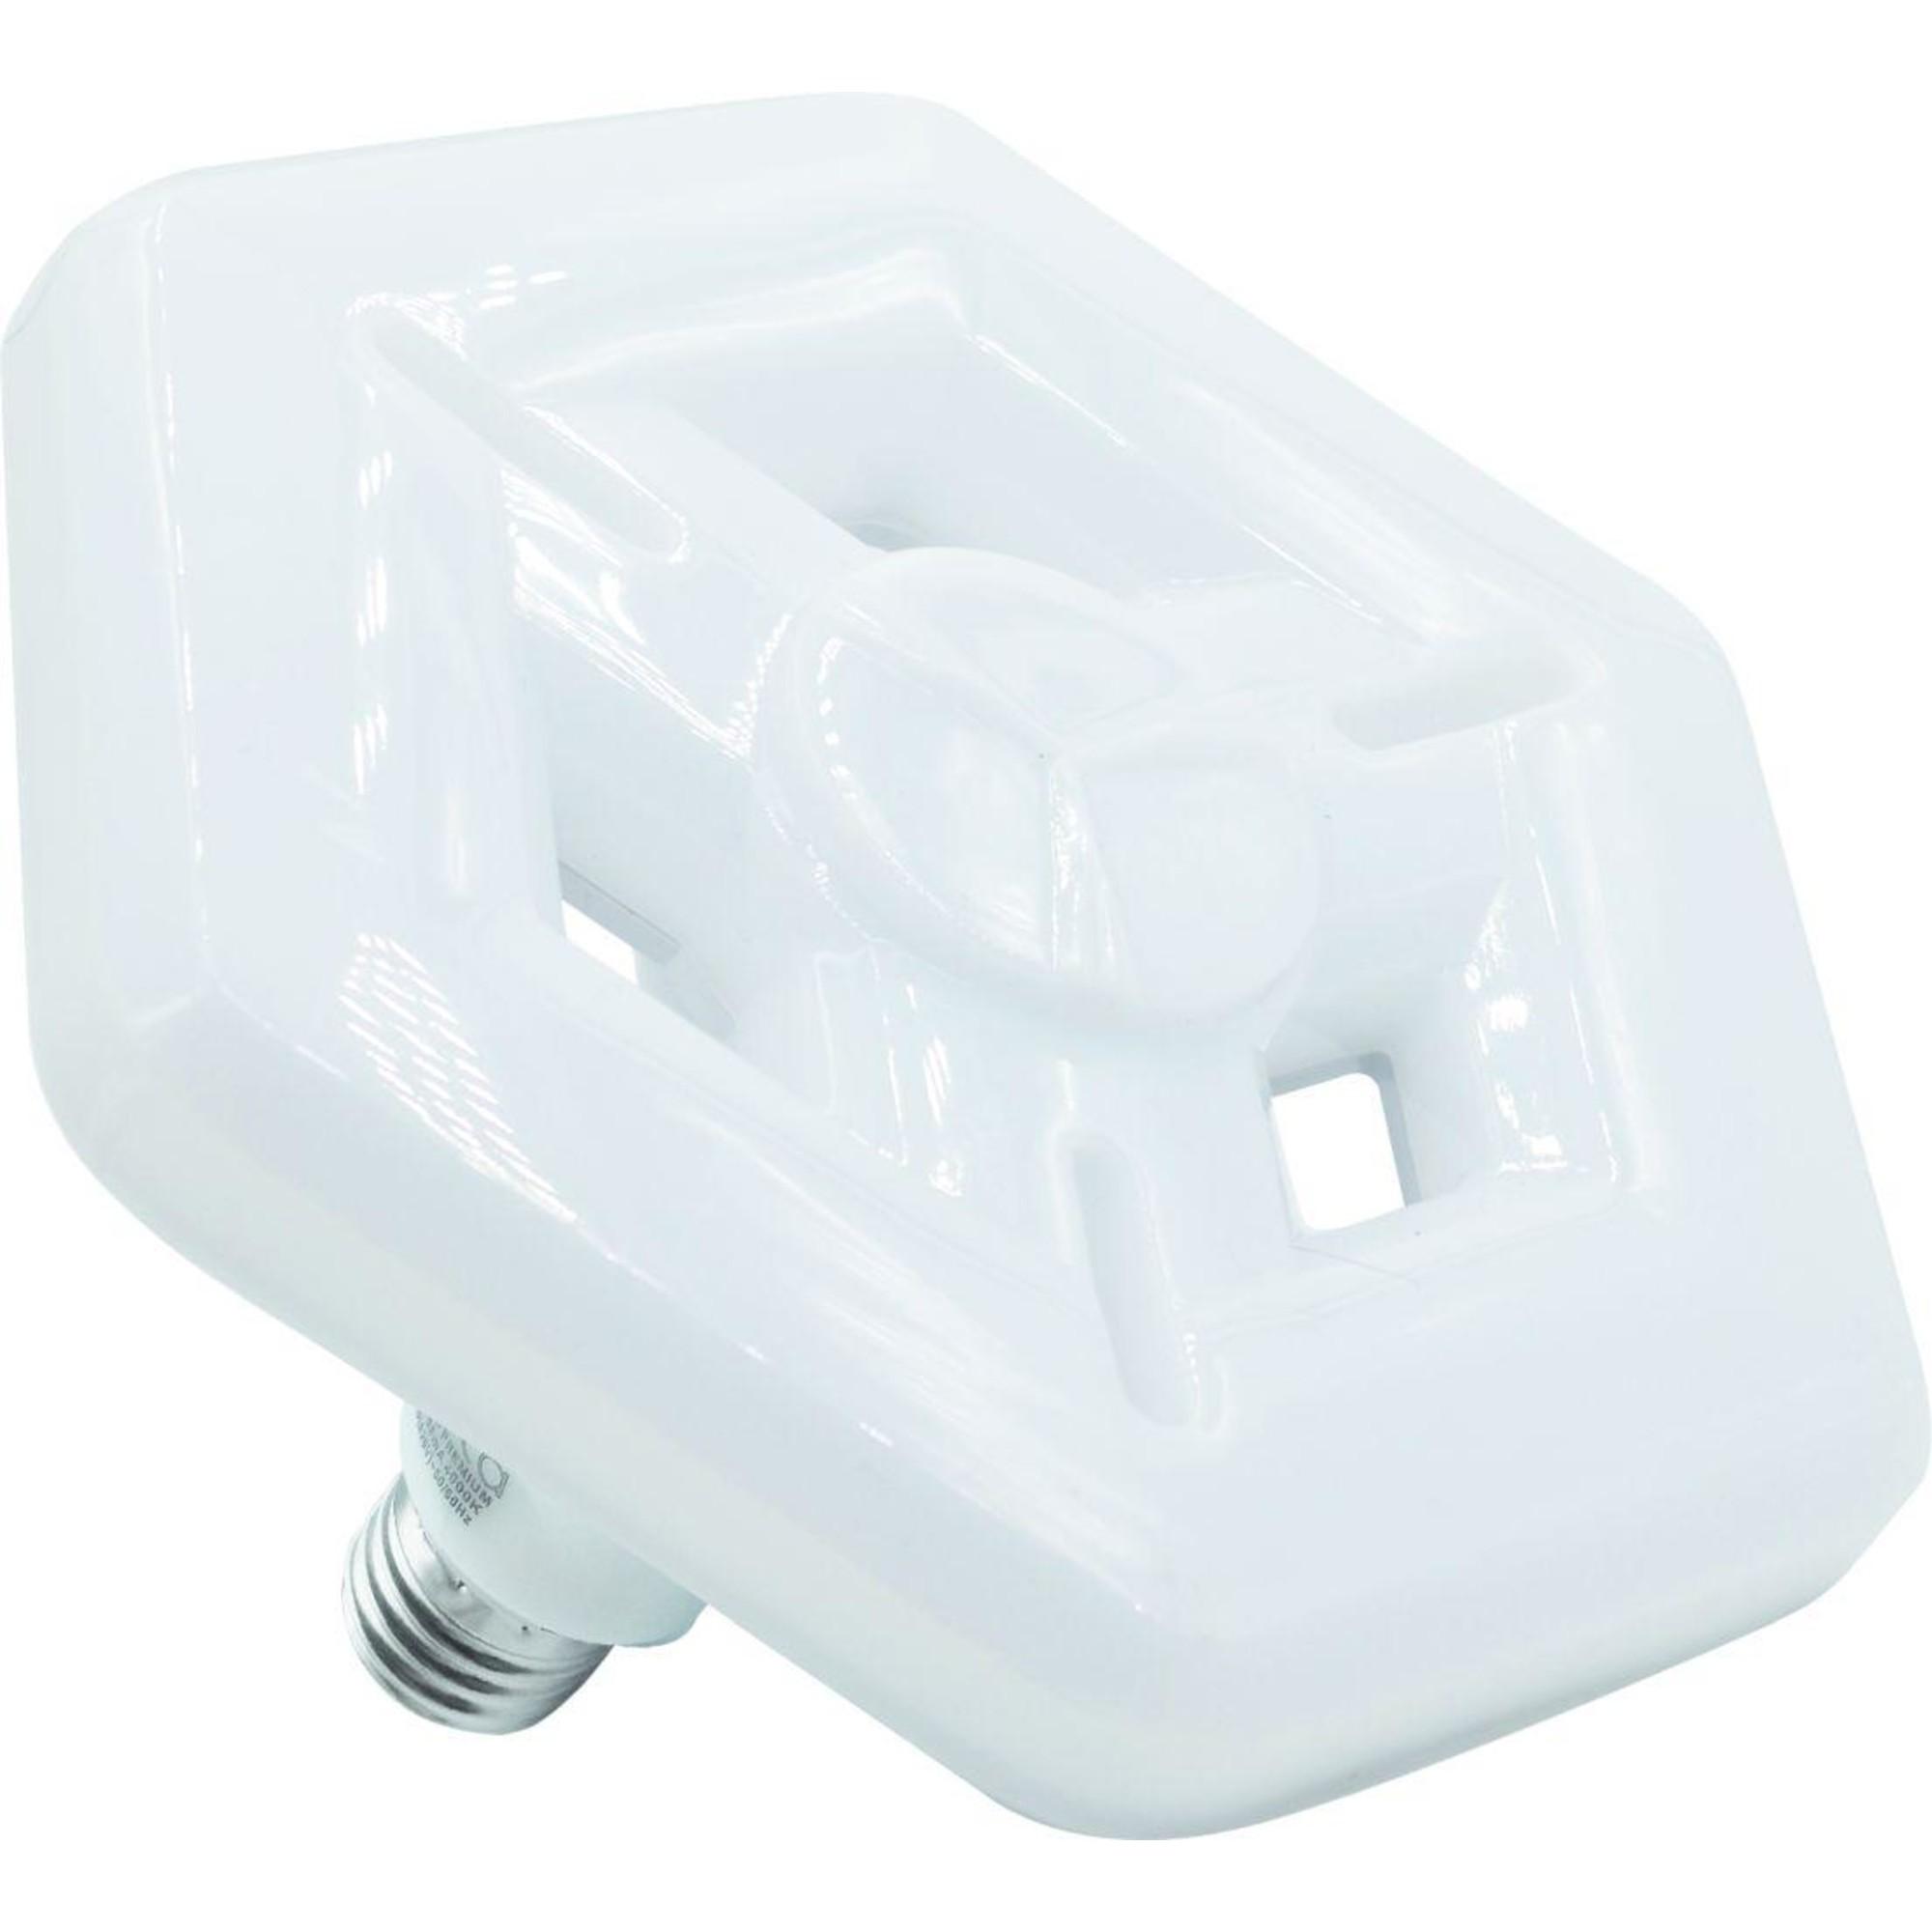 Лампа Ecola Premium светодионая E27 38 Вт 3420 Лм нейтральный свет